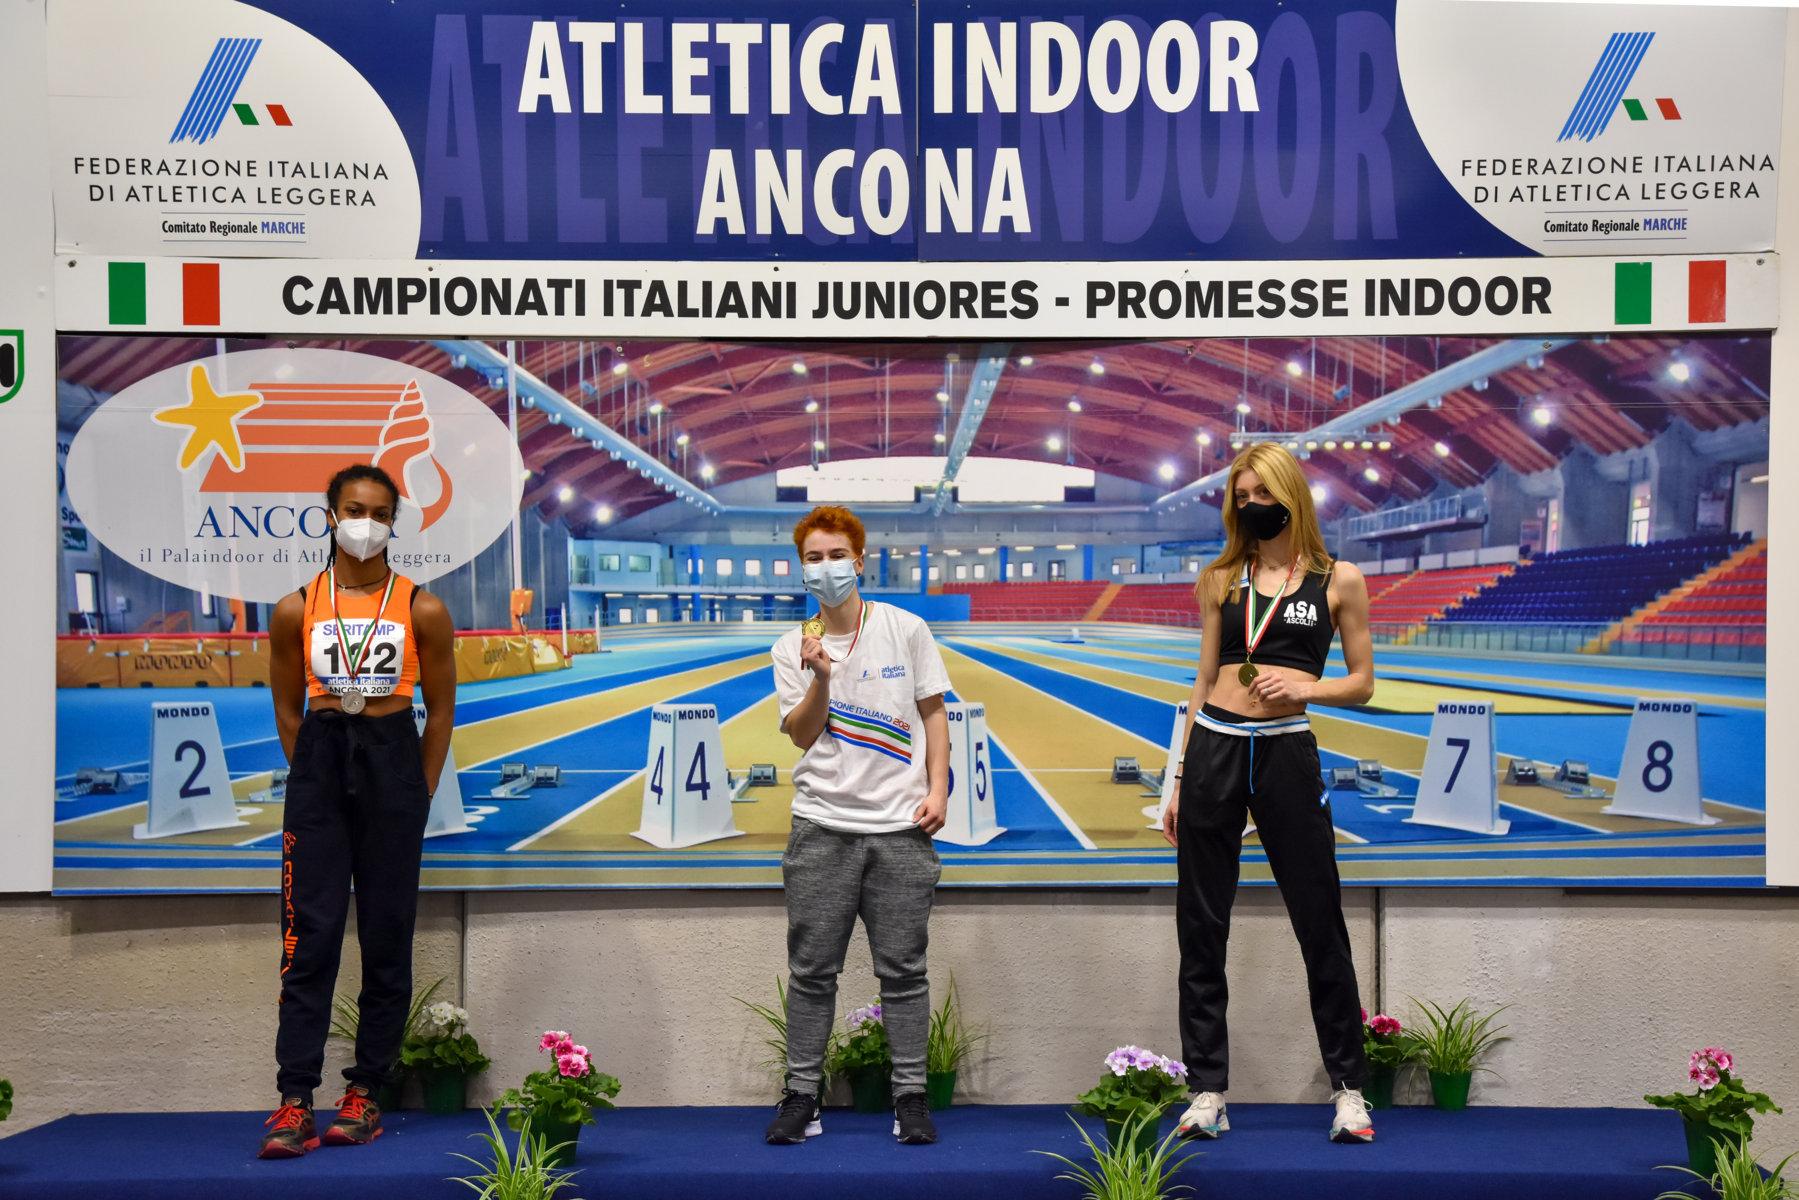 Bronzo per Angelini nei 60 ai Campionati Italiani Junior